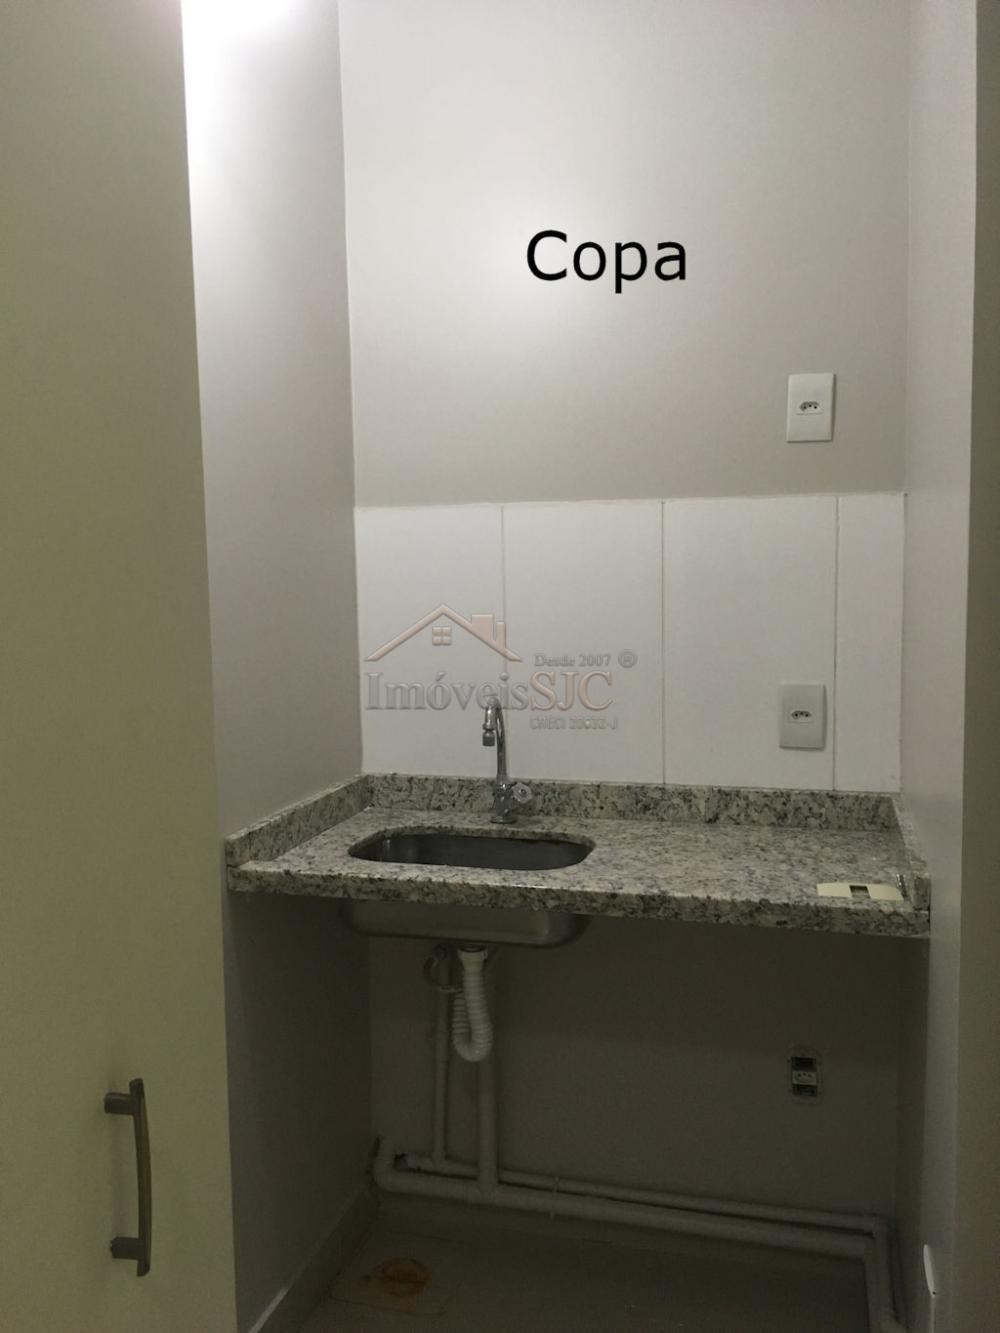 Alugar Comerciais / Sala em São José dos Campos apenas R$ 1.800,00 - Foto 5